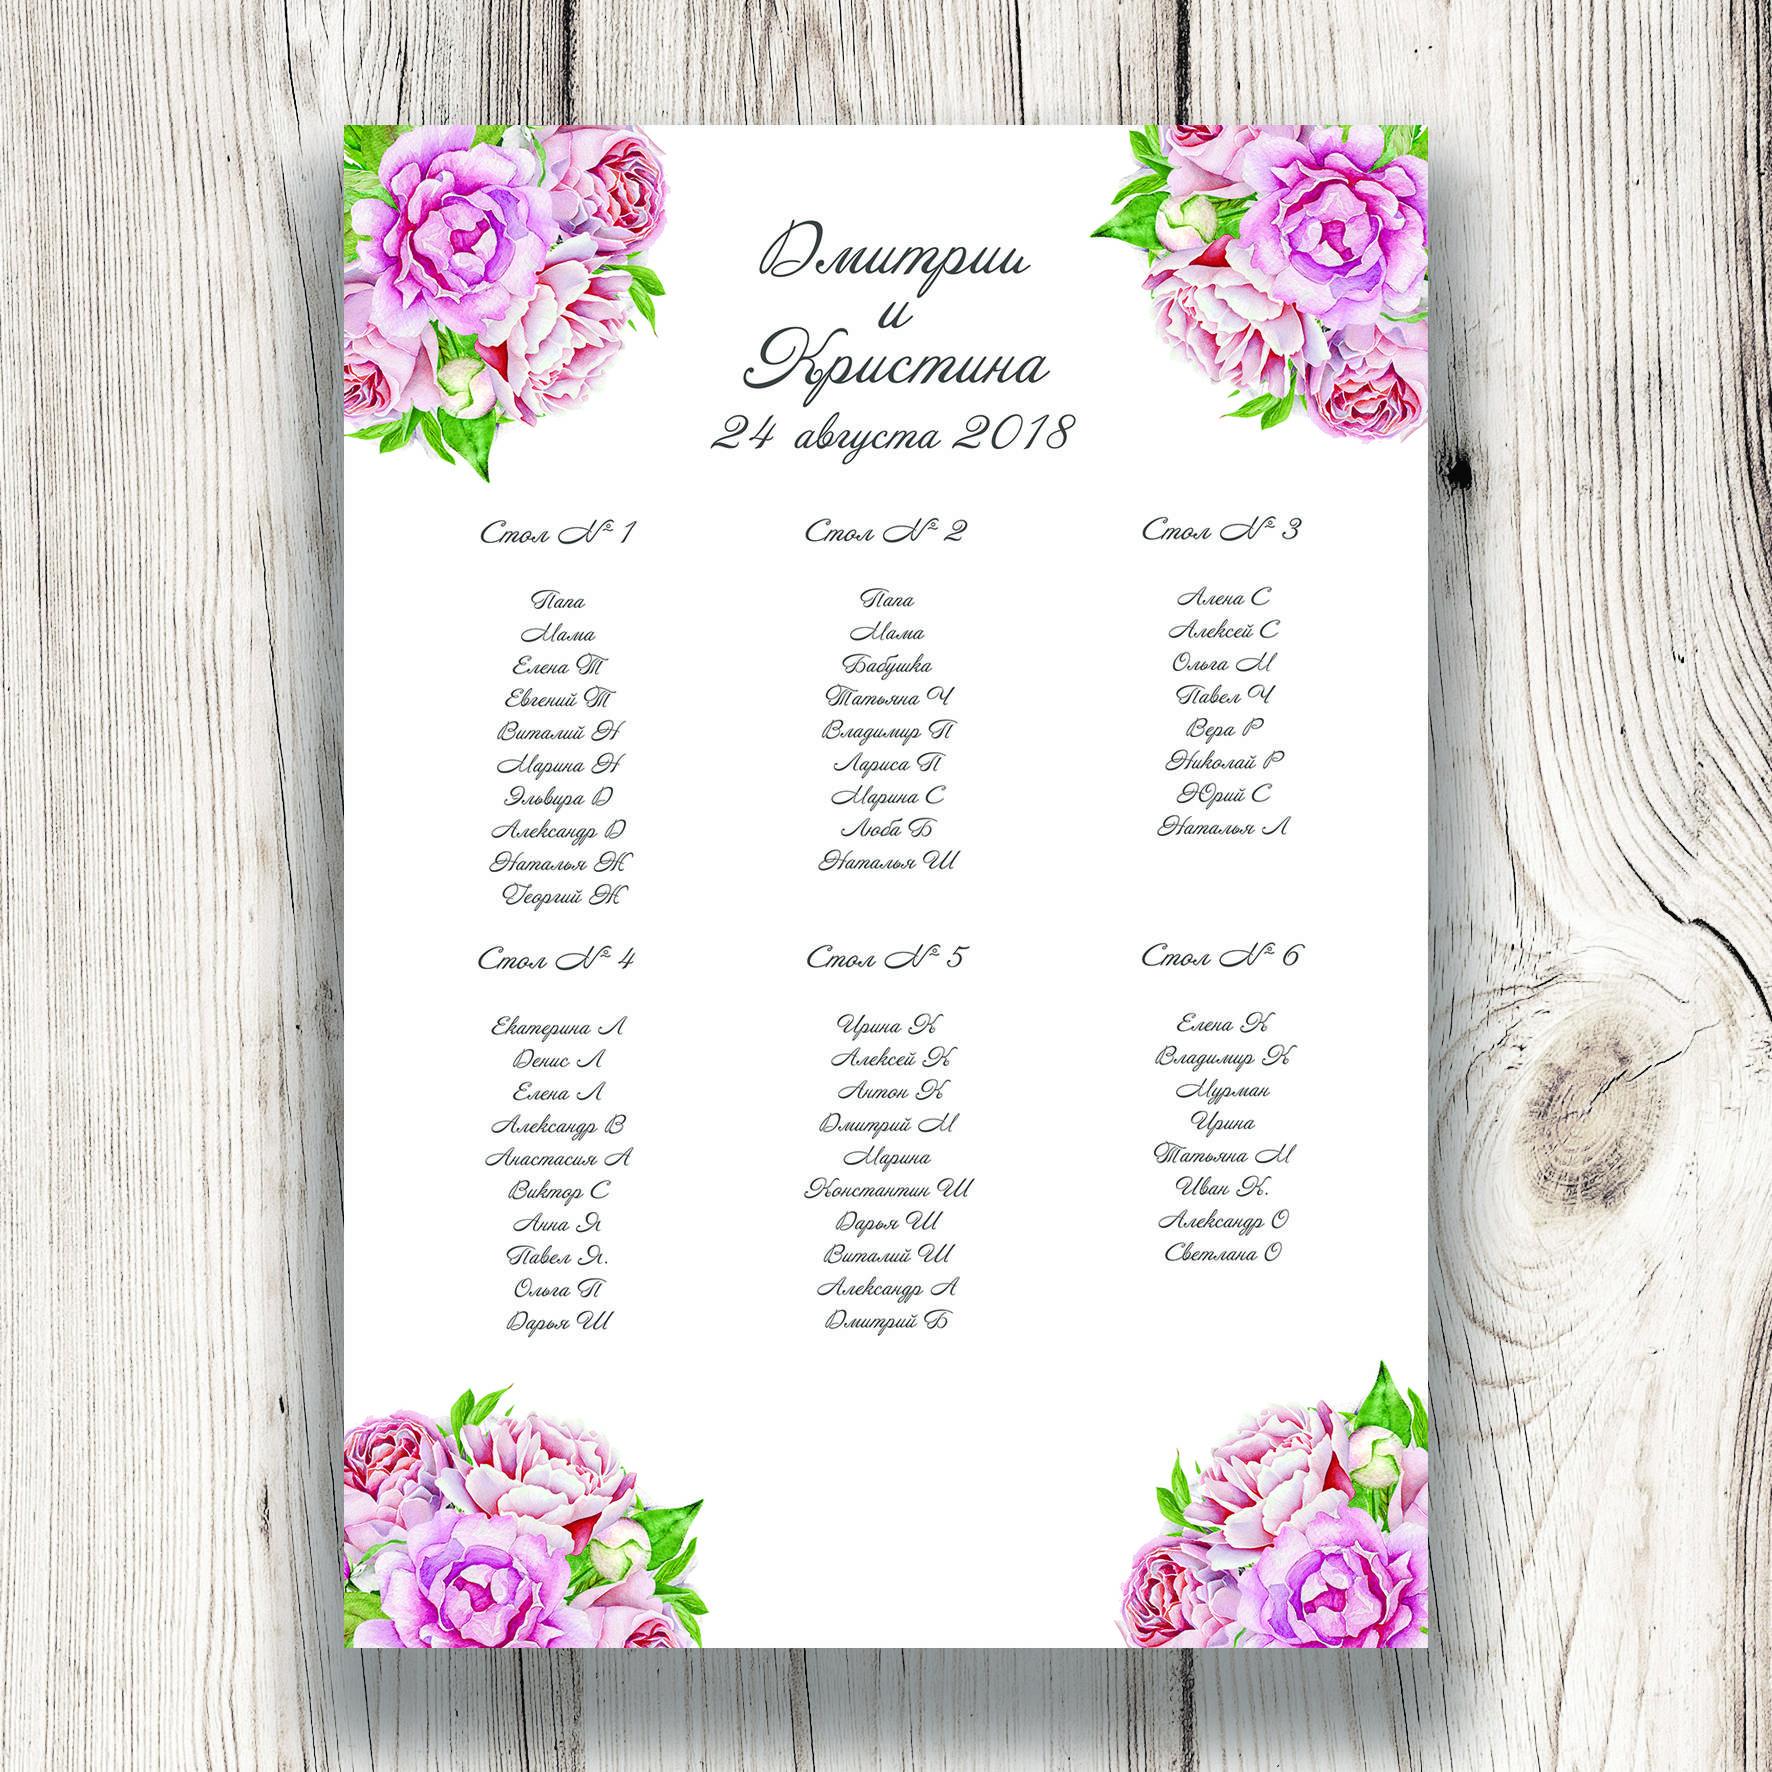 Составляем план рассадки гостей на свадьбе